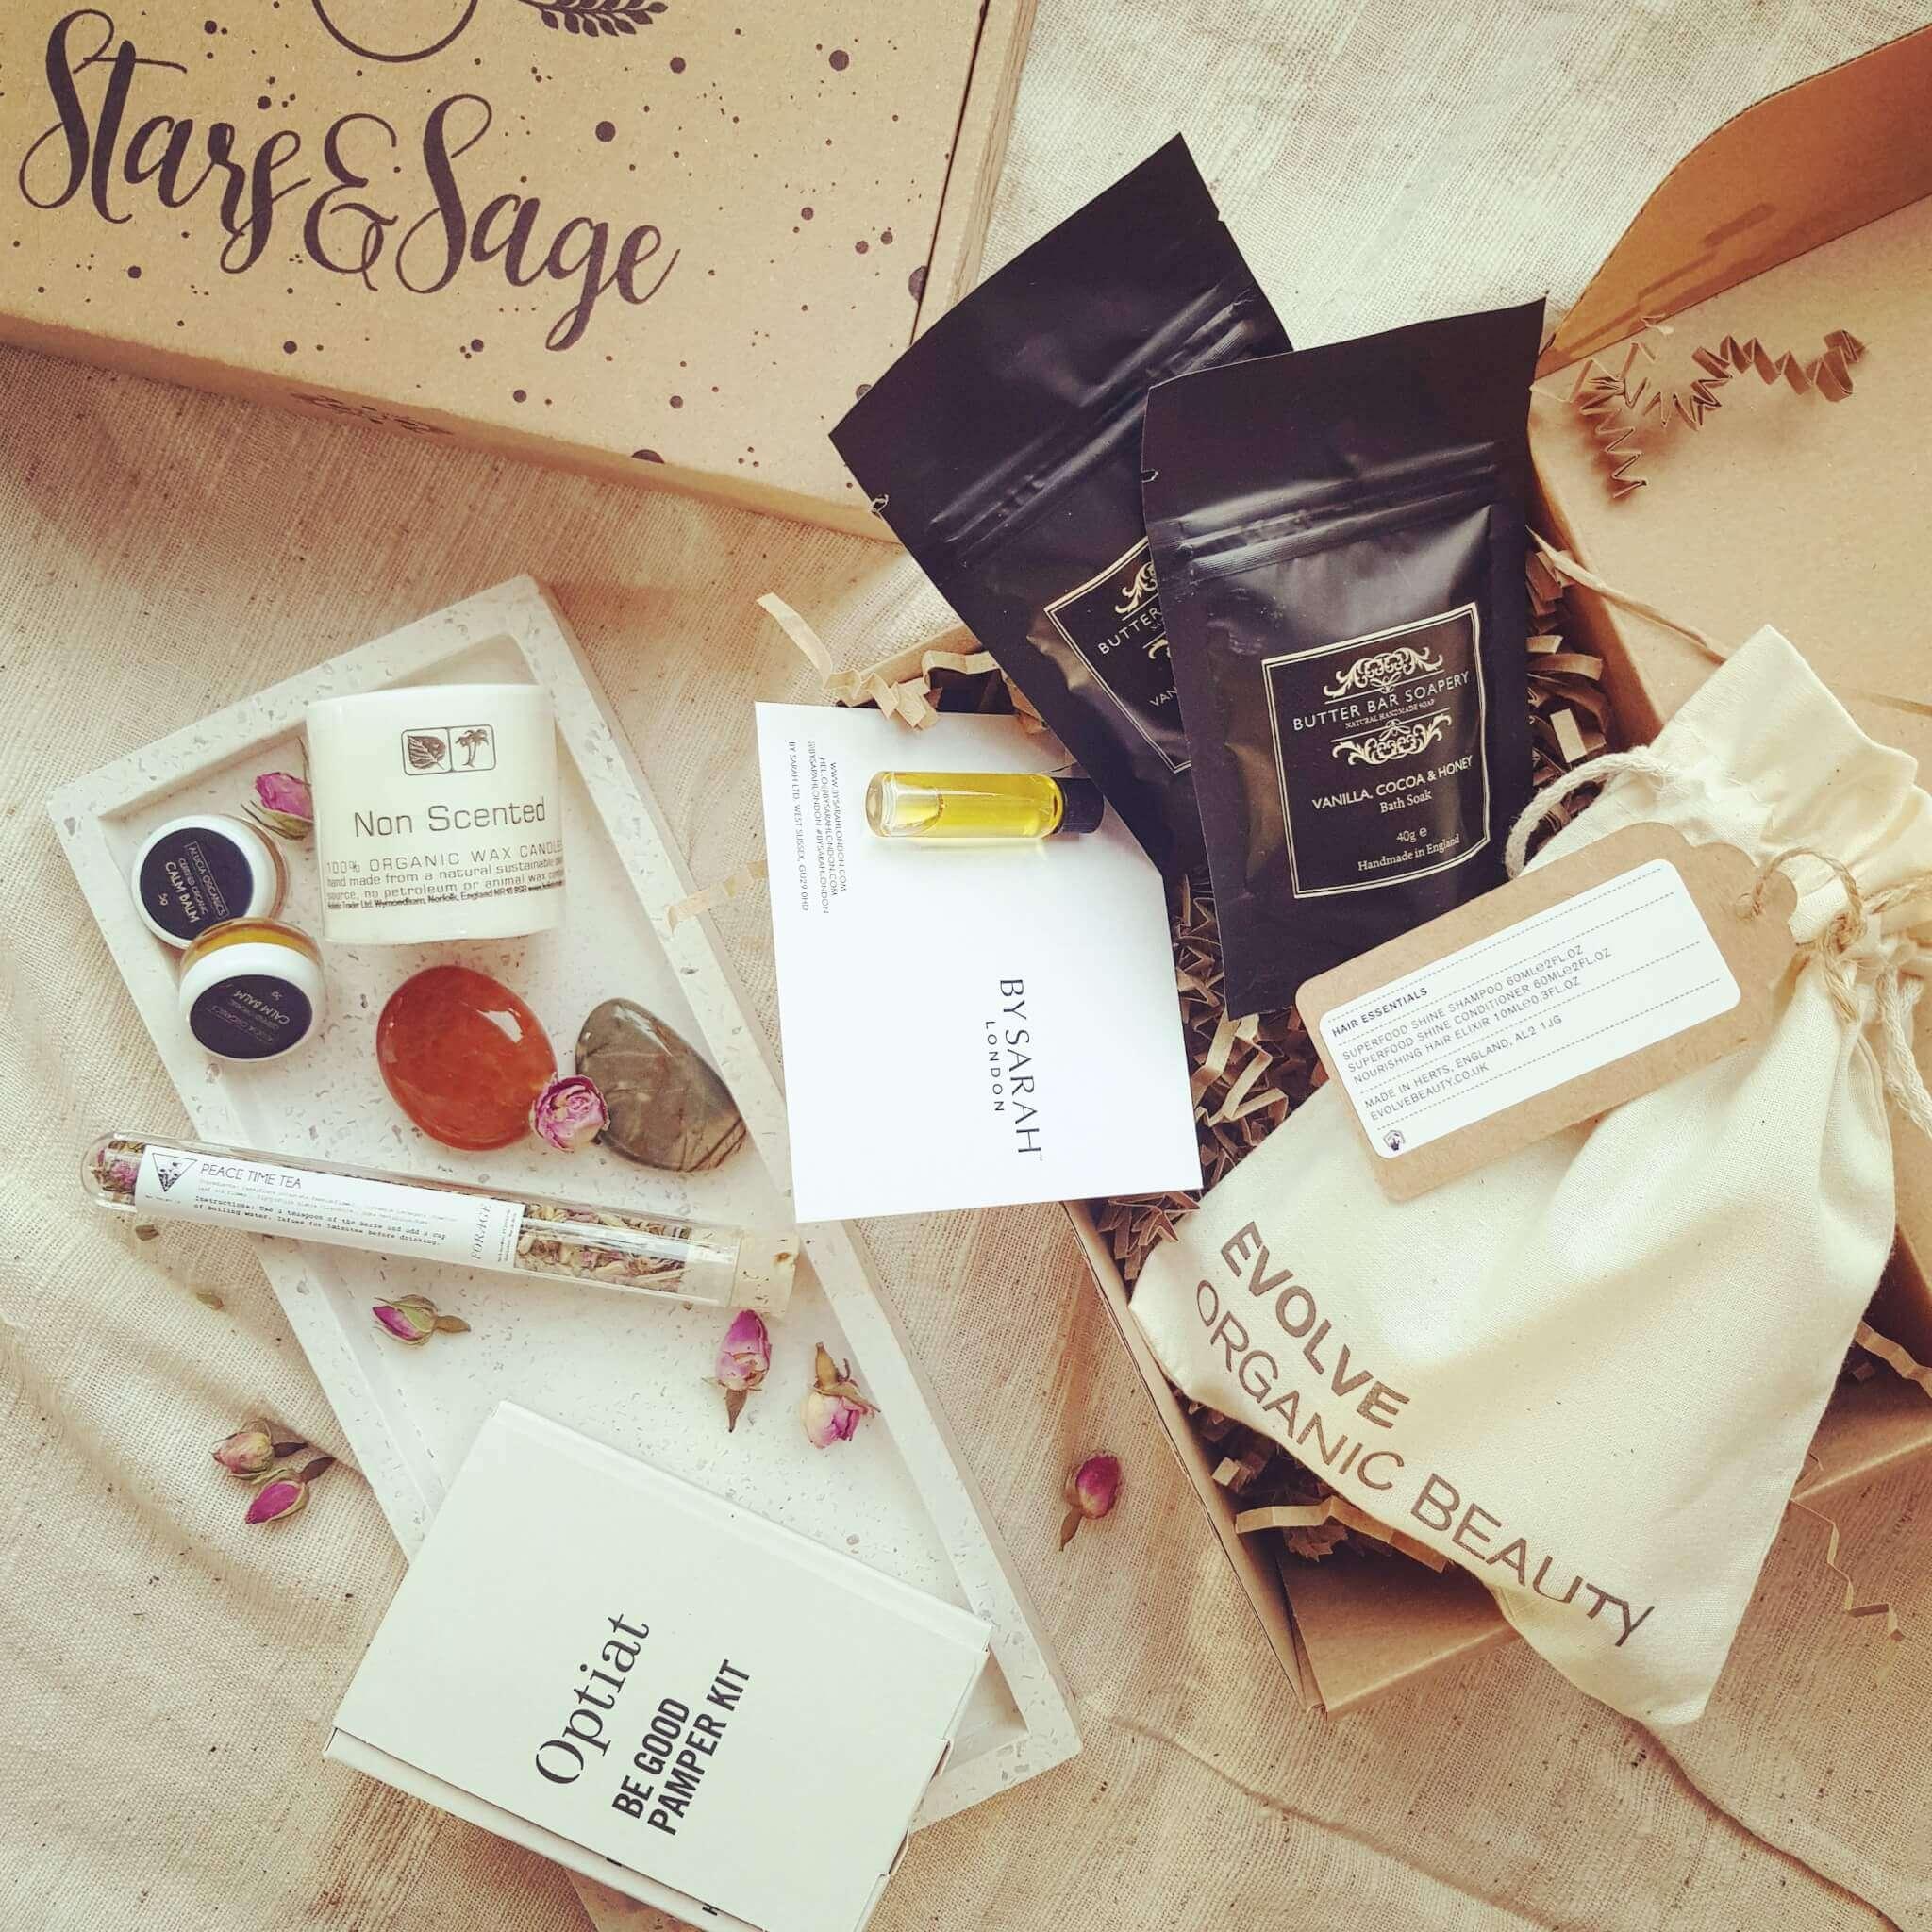 Stars & Sage förpackning